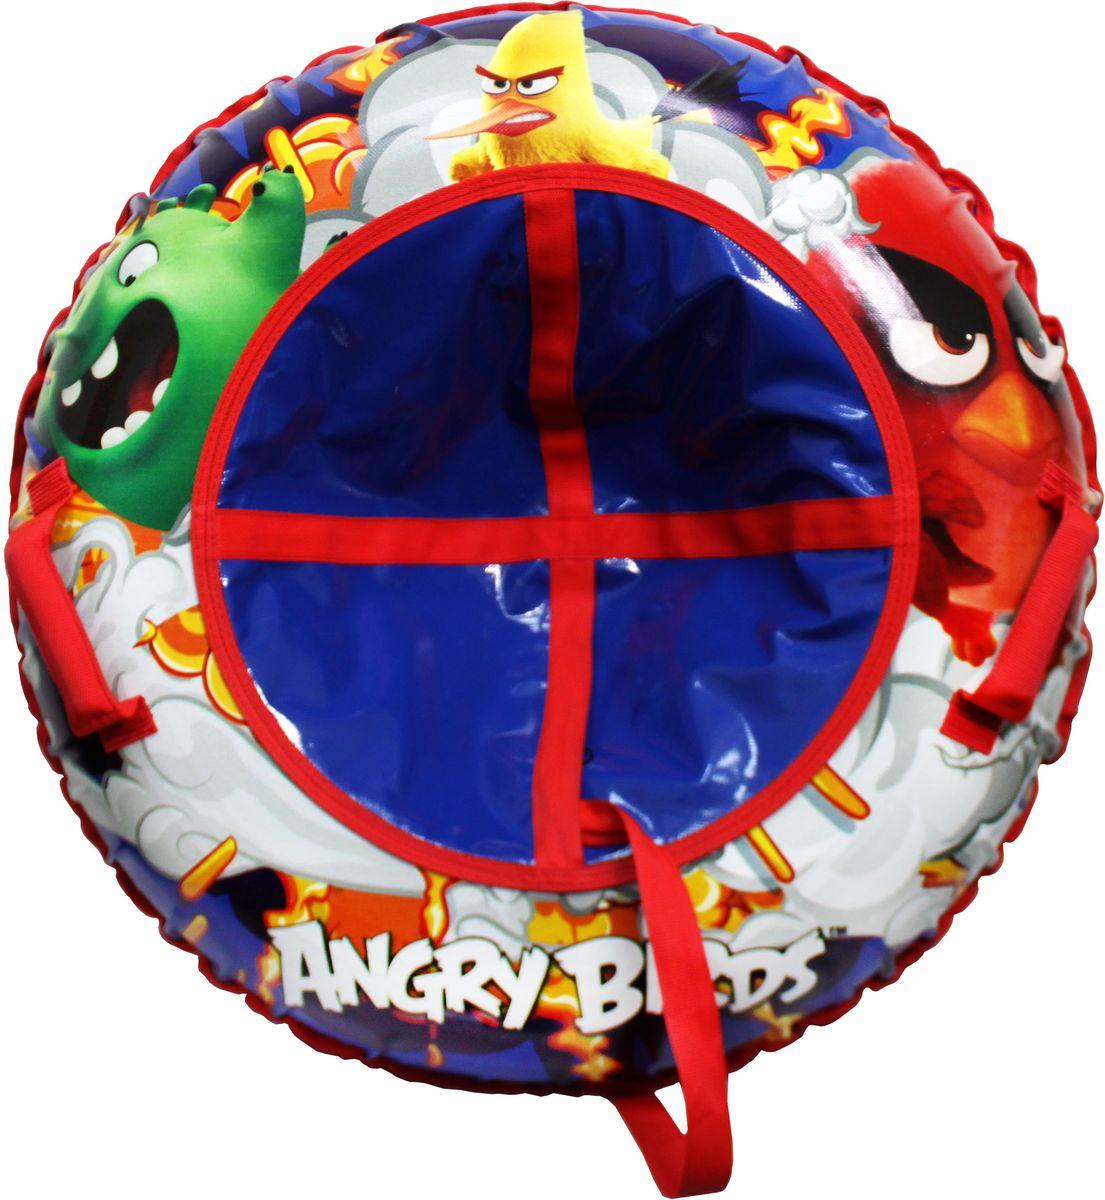 Тюбинг 1TOY Angry Birds, цвет: красный, диаметр 100 см